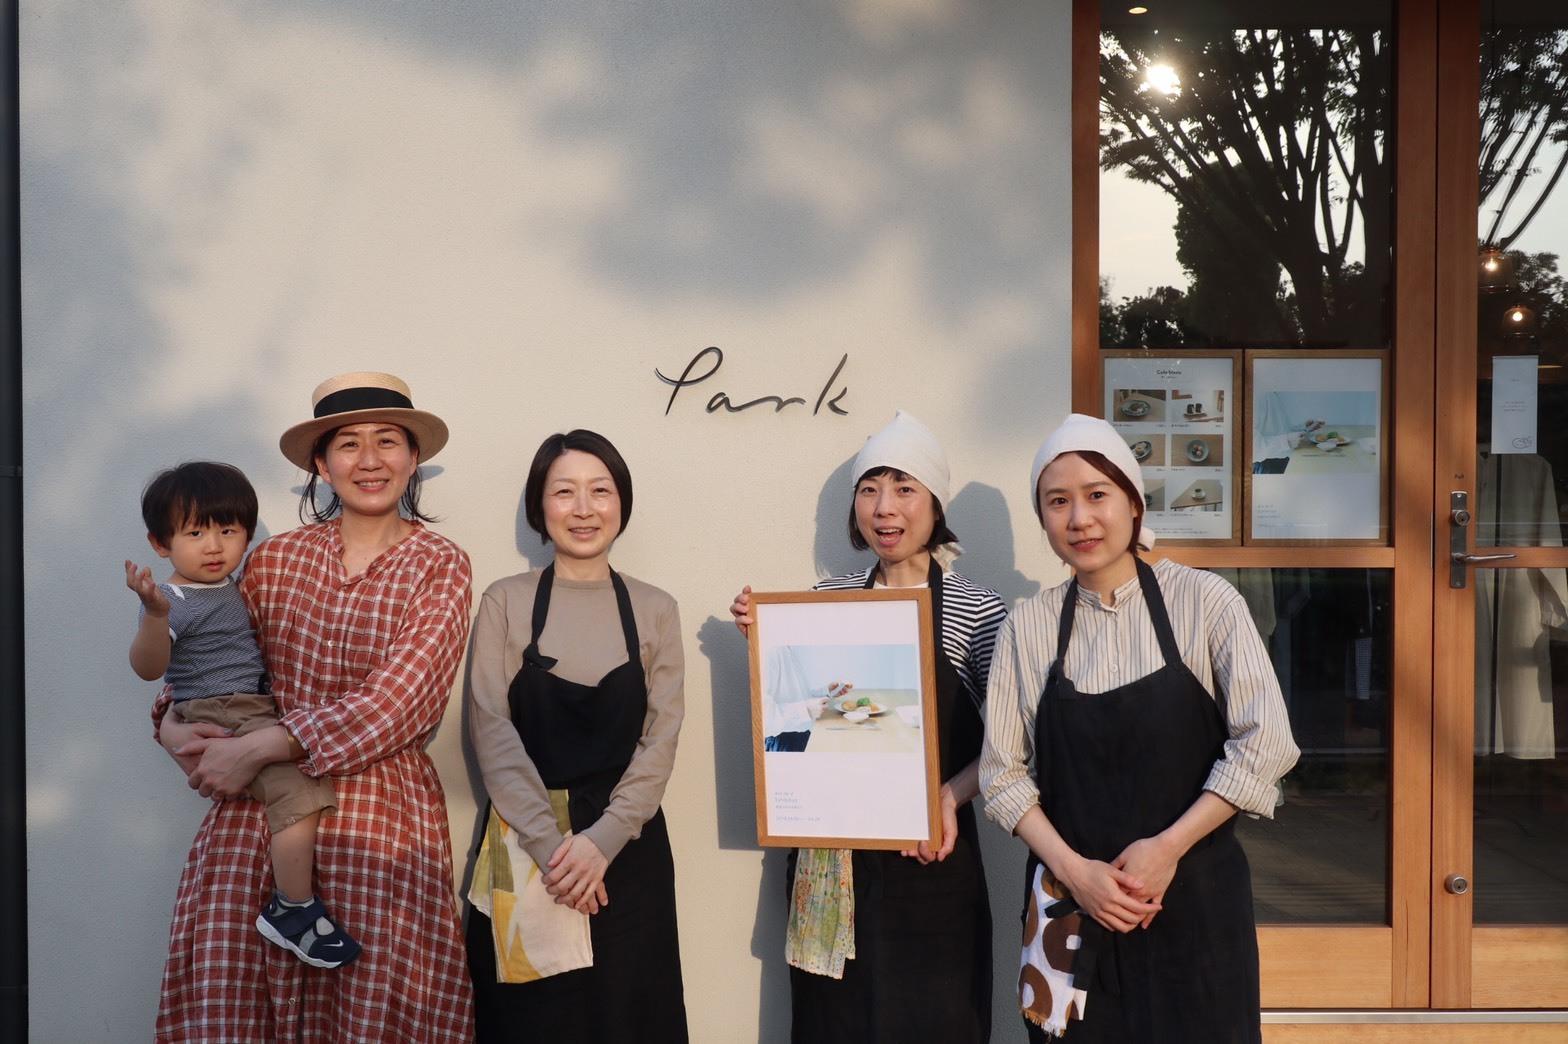 東京 調布 parkでの展示販売会 在店楽し過ぎました!_e0291010_06013176.jpeg